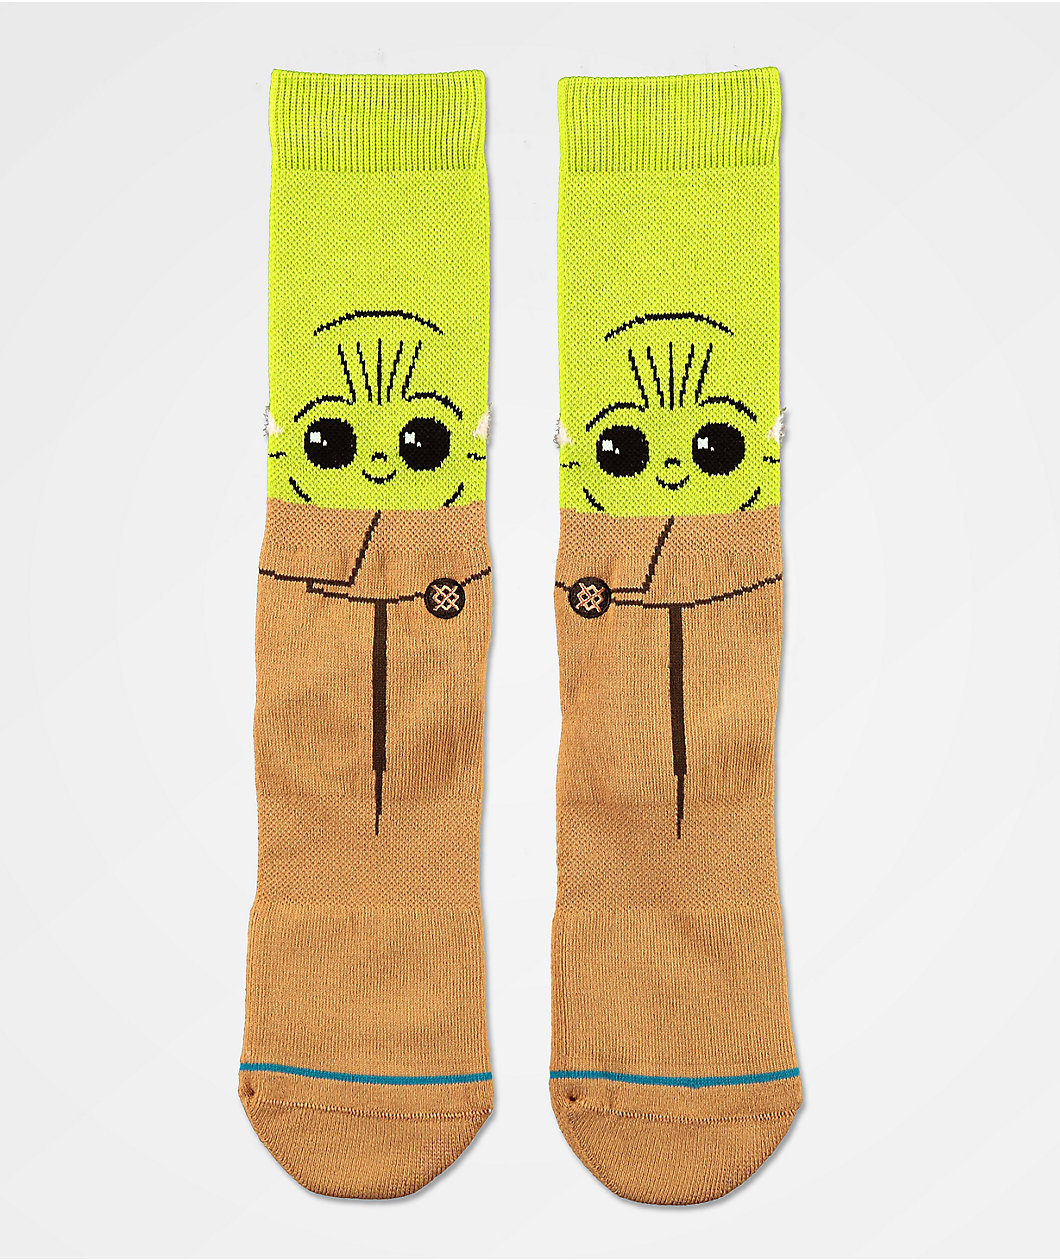 Pair of socks featuring baby Grogu